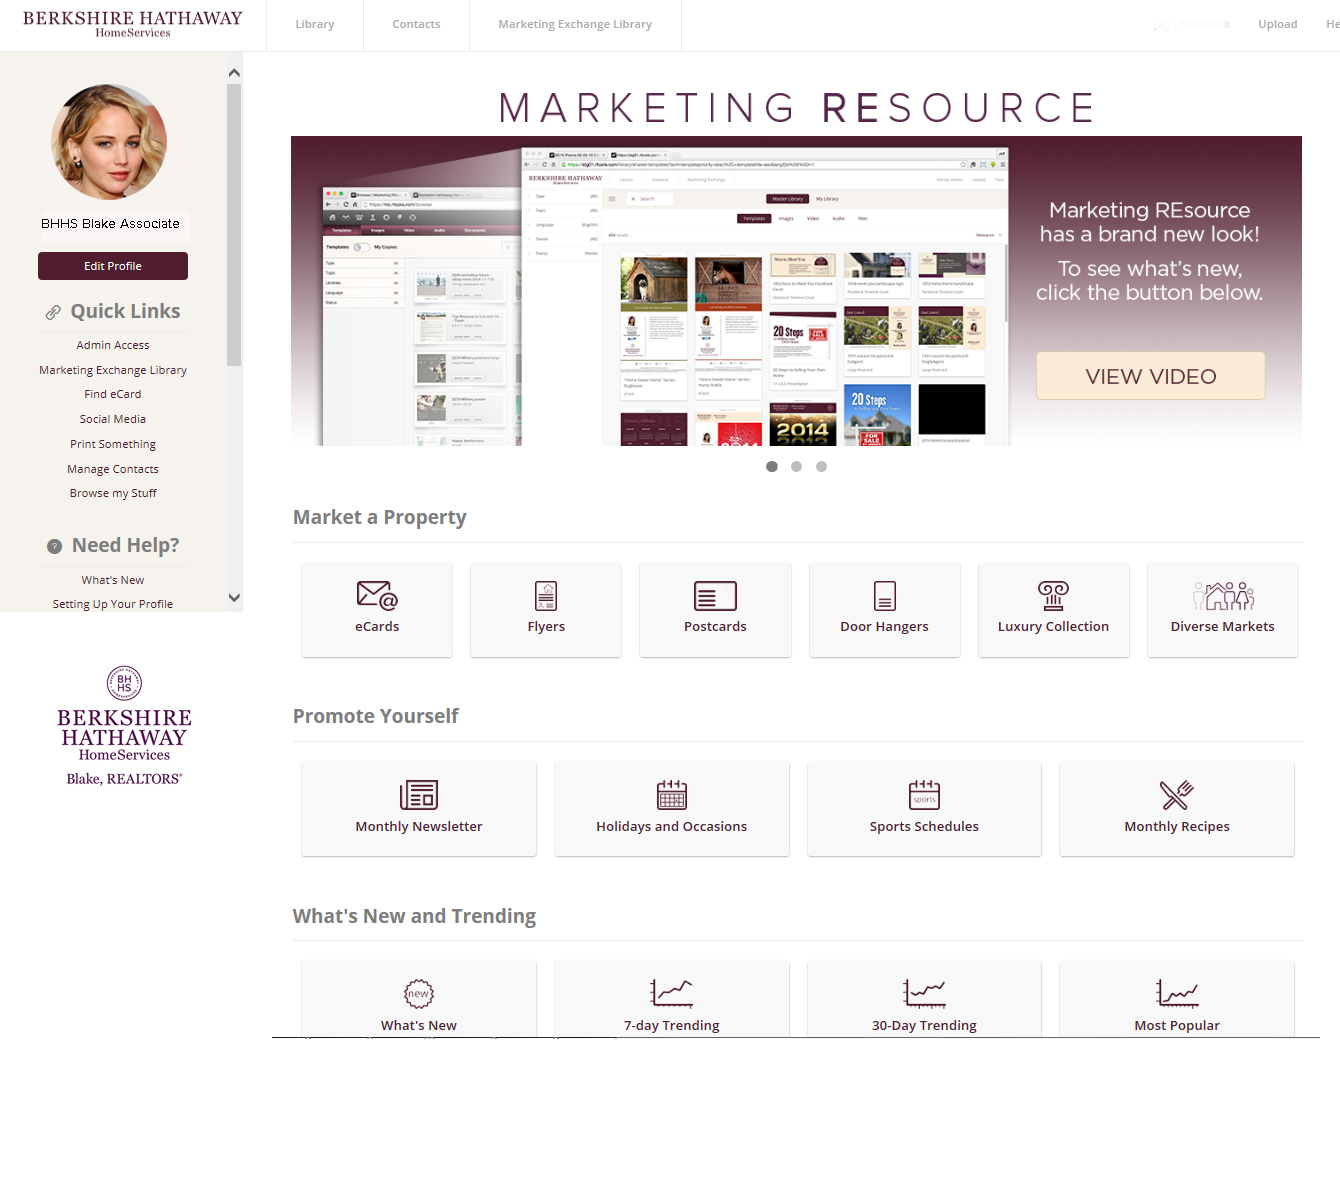 Marketing REsource snapshot